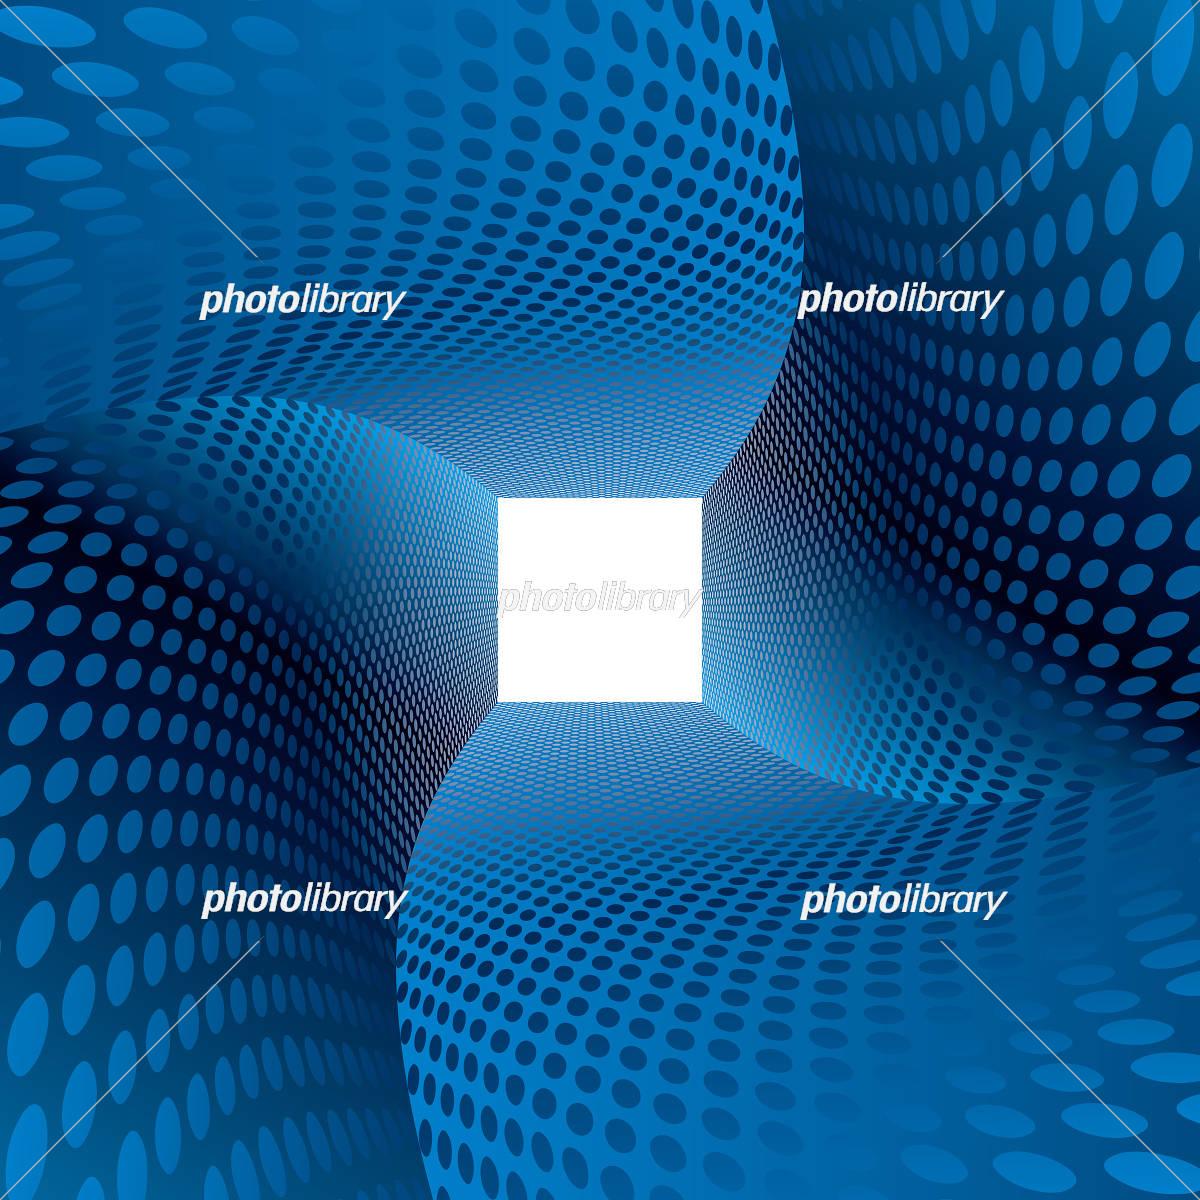 異次元空間イメージ イラスト素材 フォトライブラリー Photolibrary